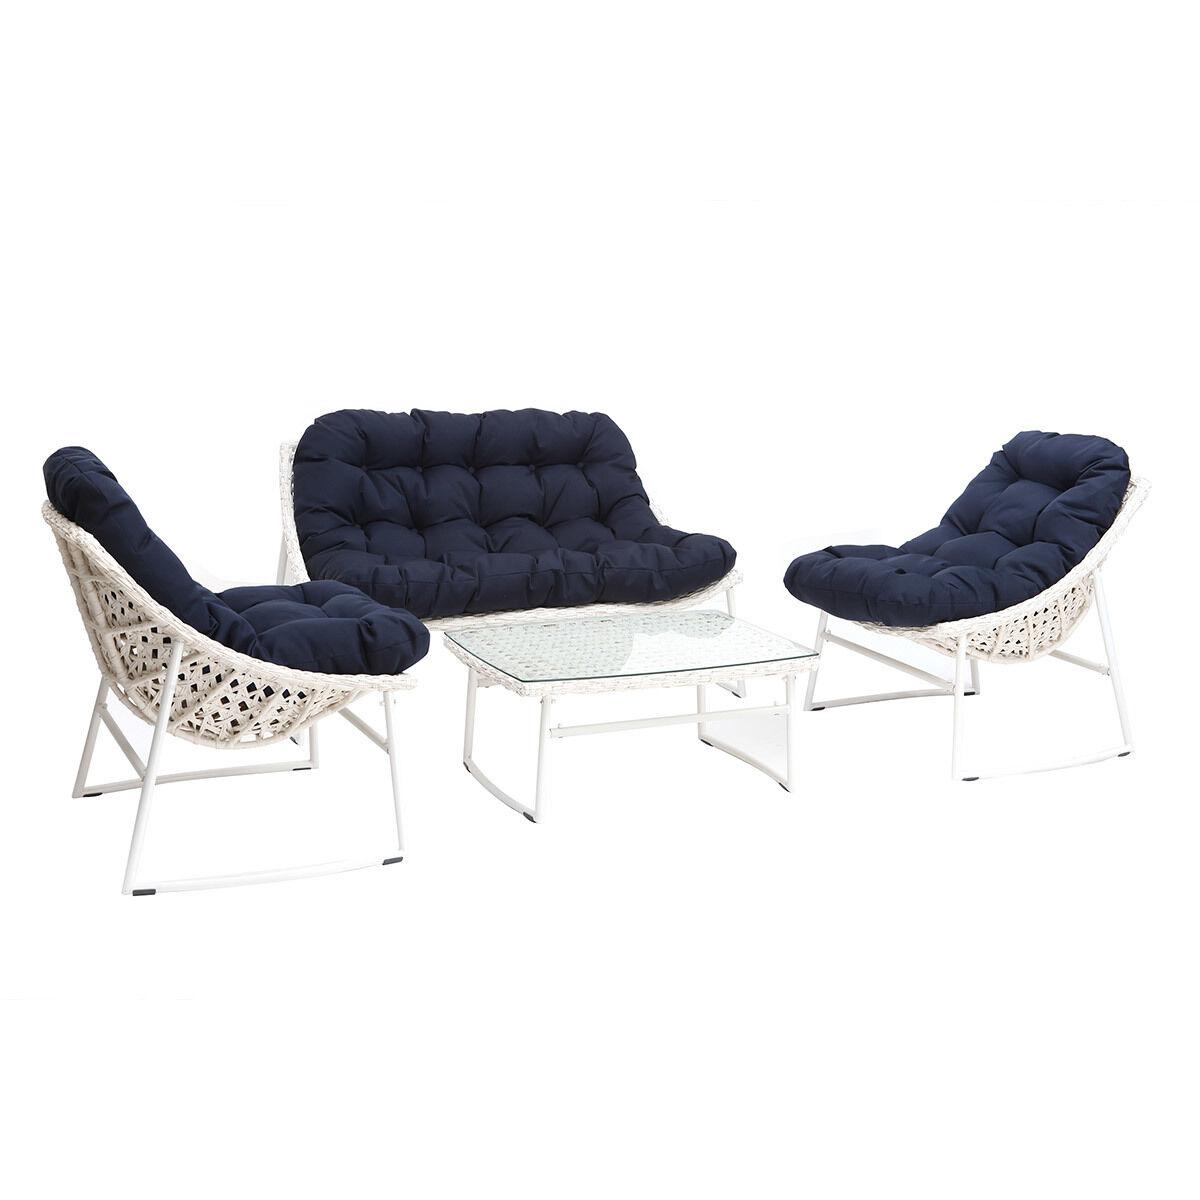 Miliboo Salon de jardin résine tressée blanc et bleu foncé avec table basse COMFY